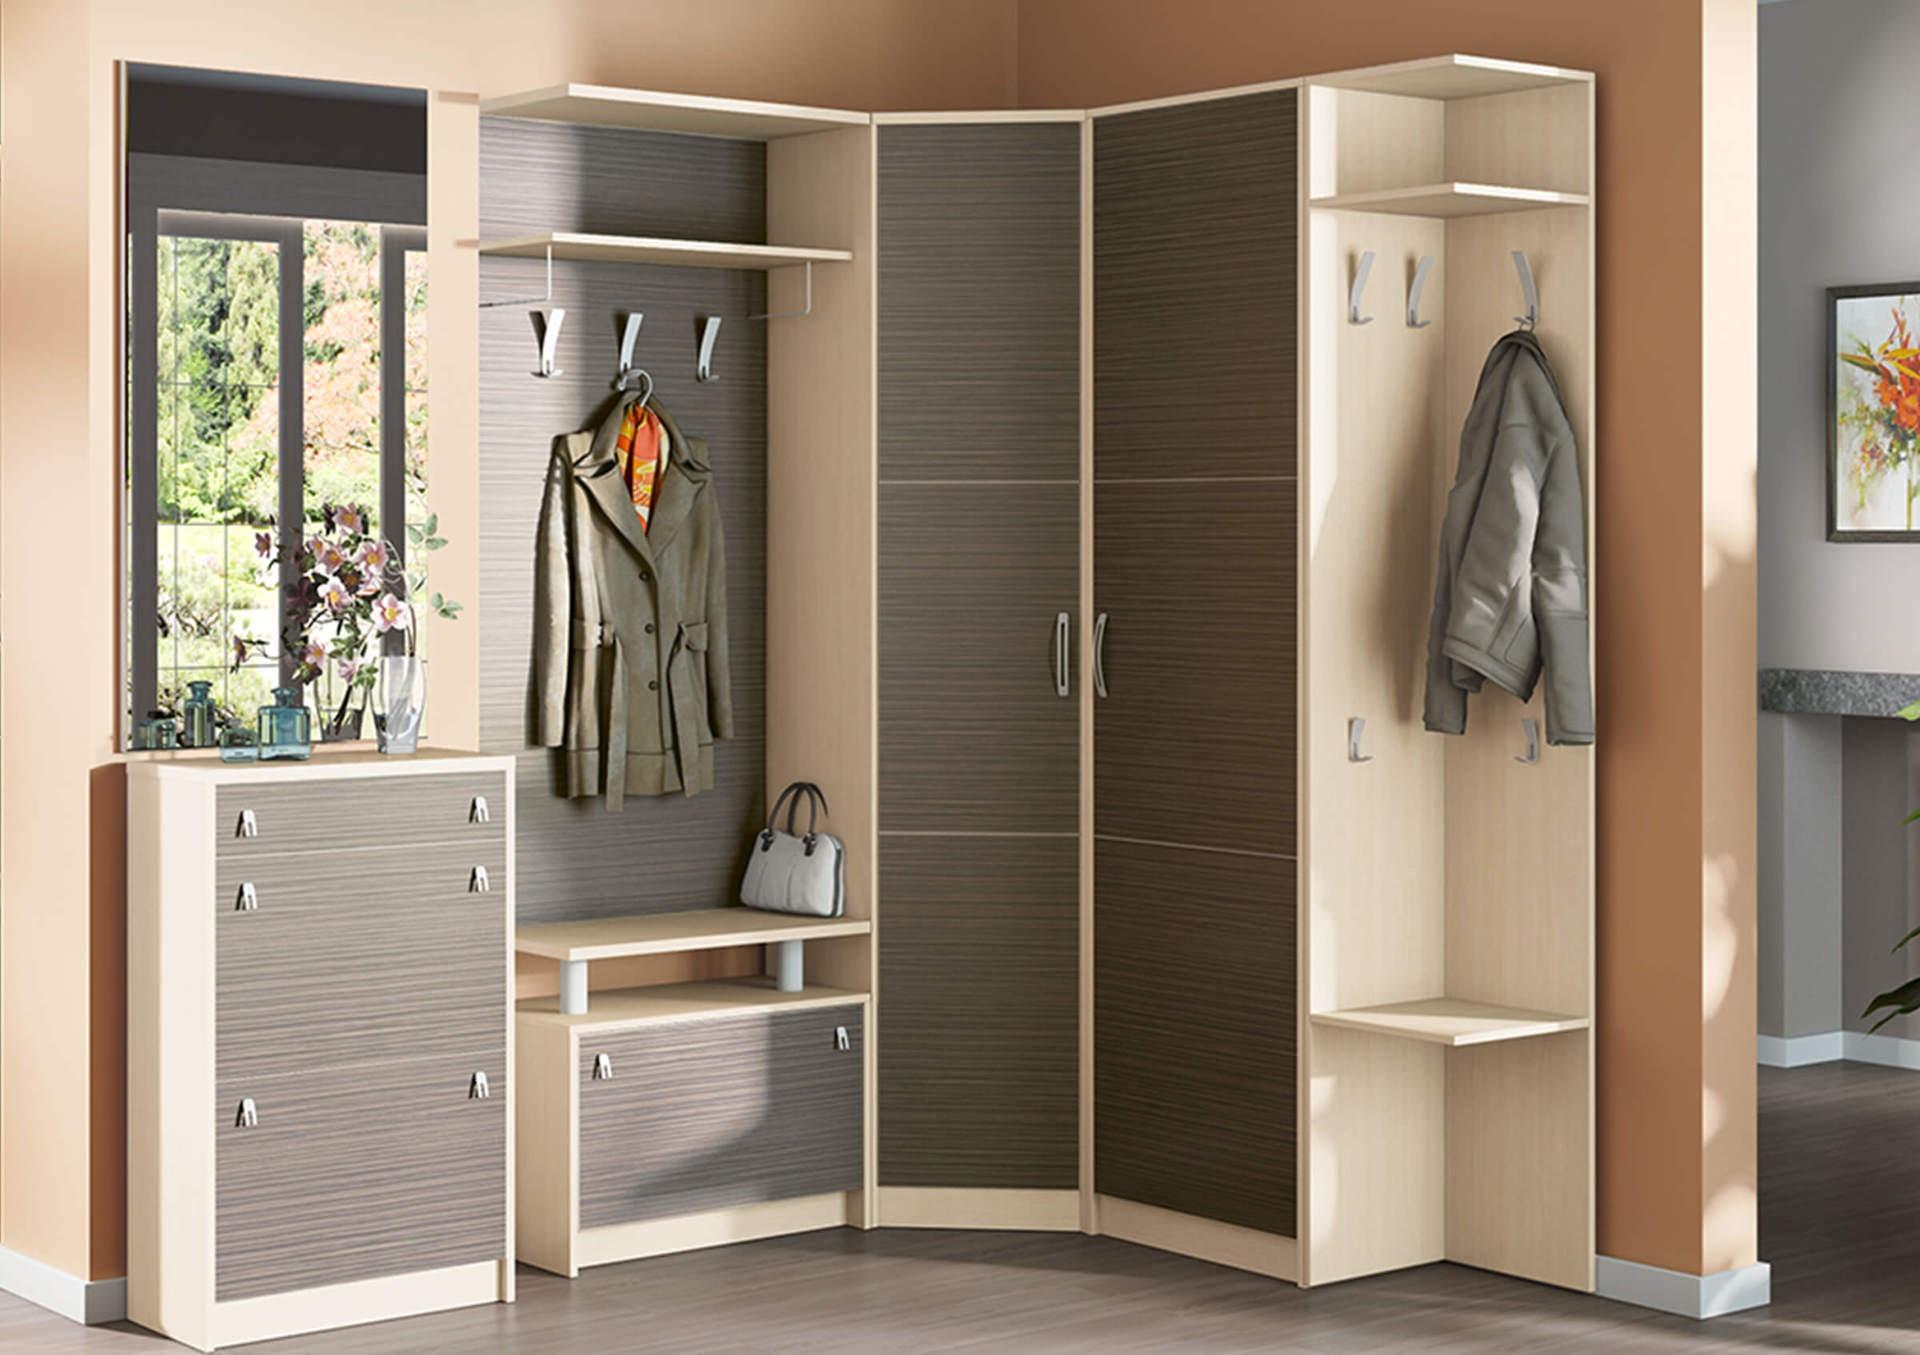 Угловые шкафы - мебельный салон ангелина в арзамасе.